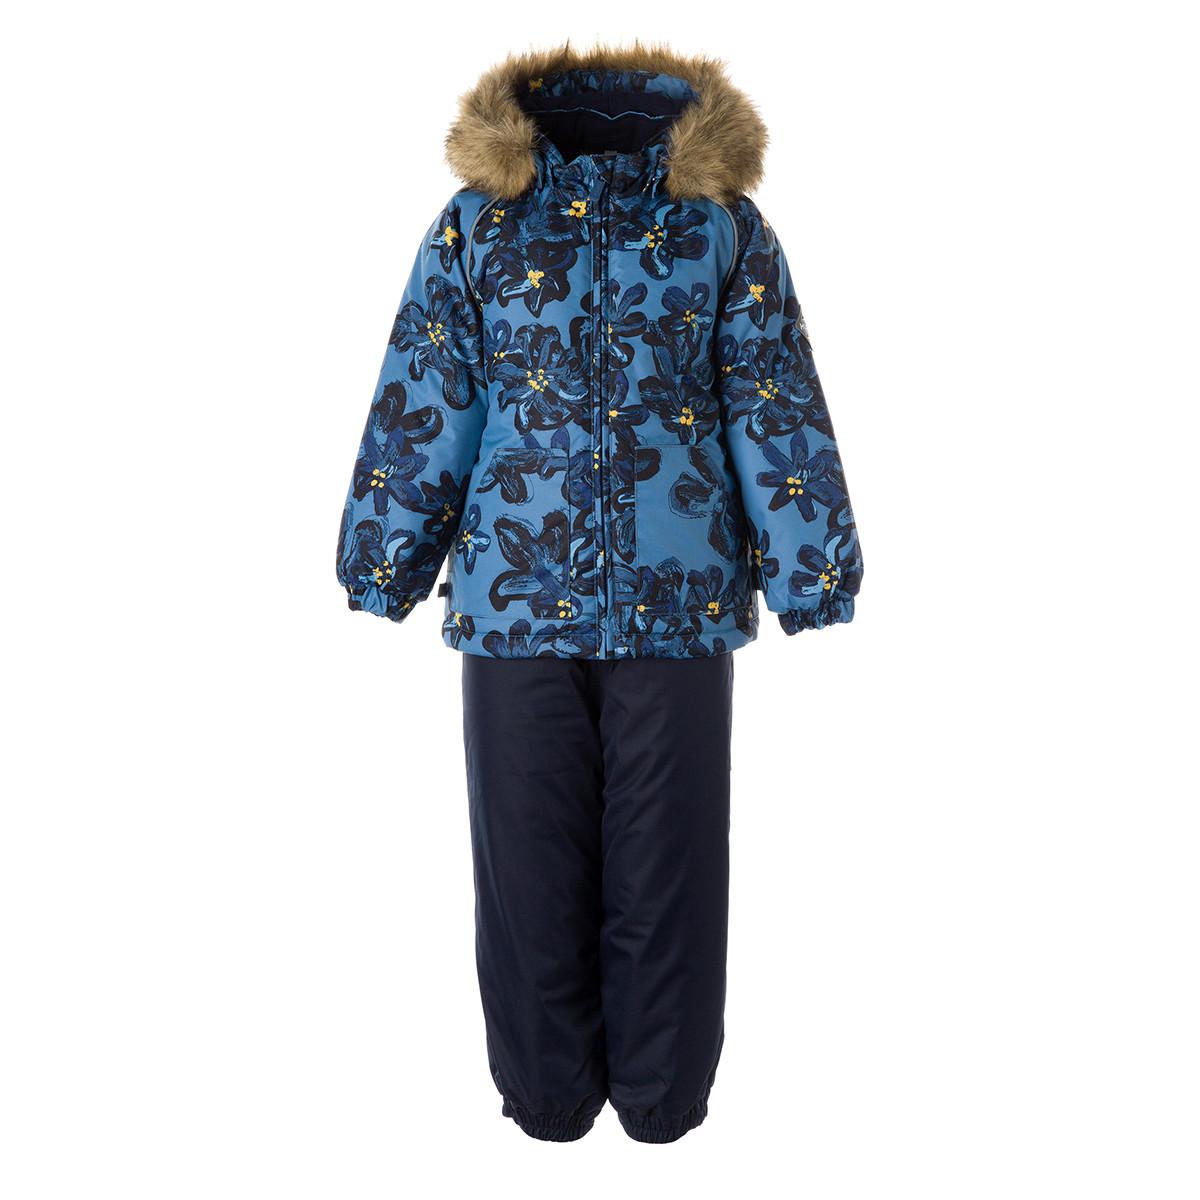 Детский комплект Huppa AVERY, синий с принтом